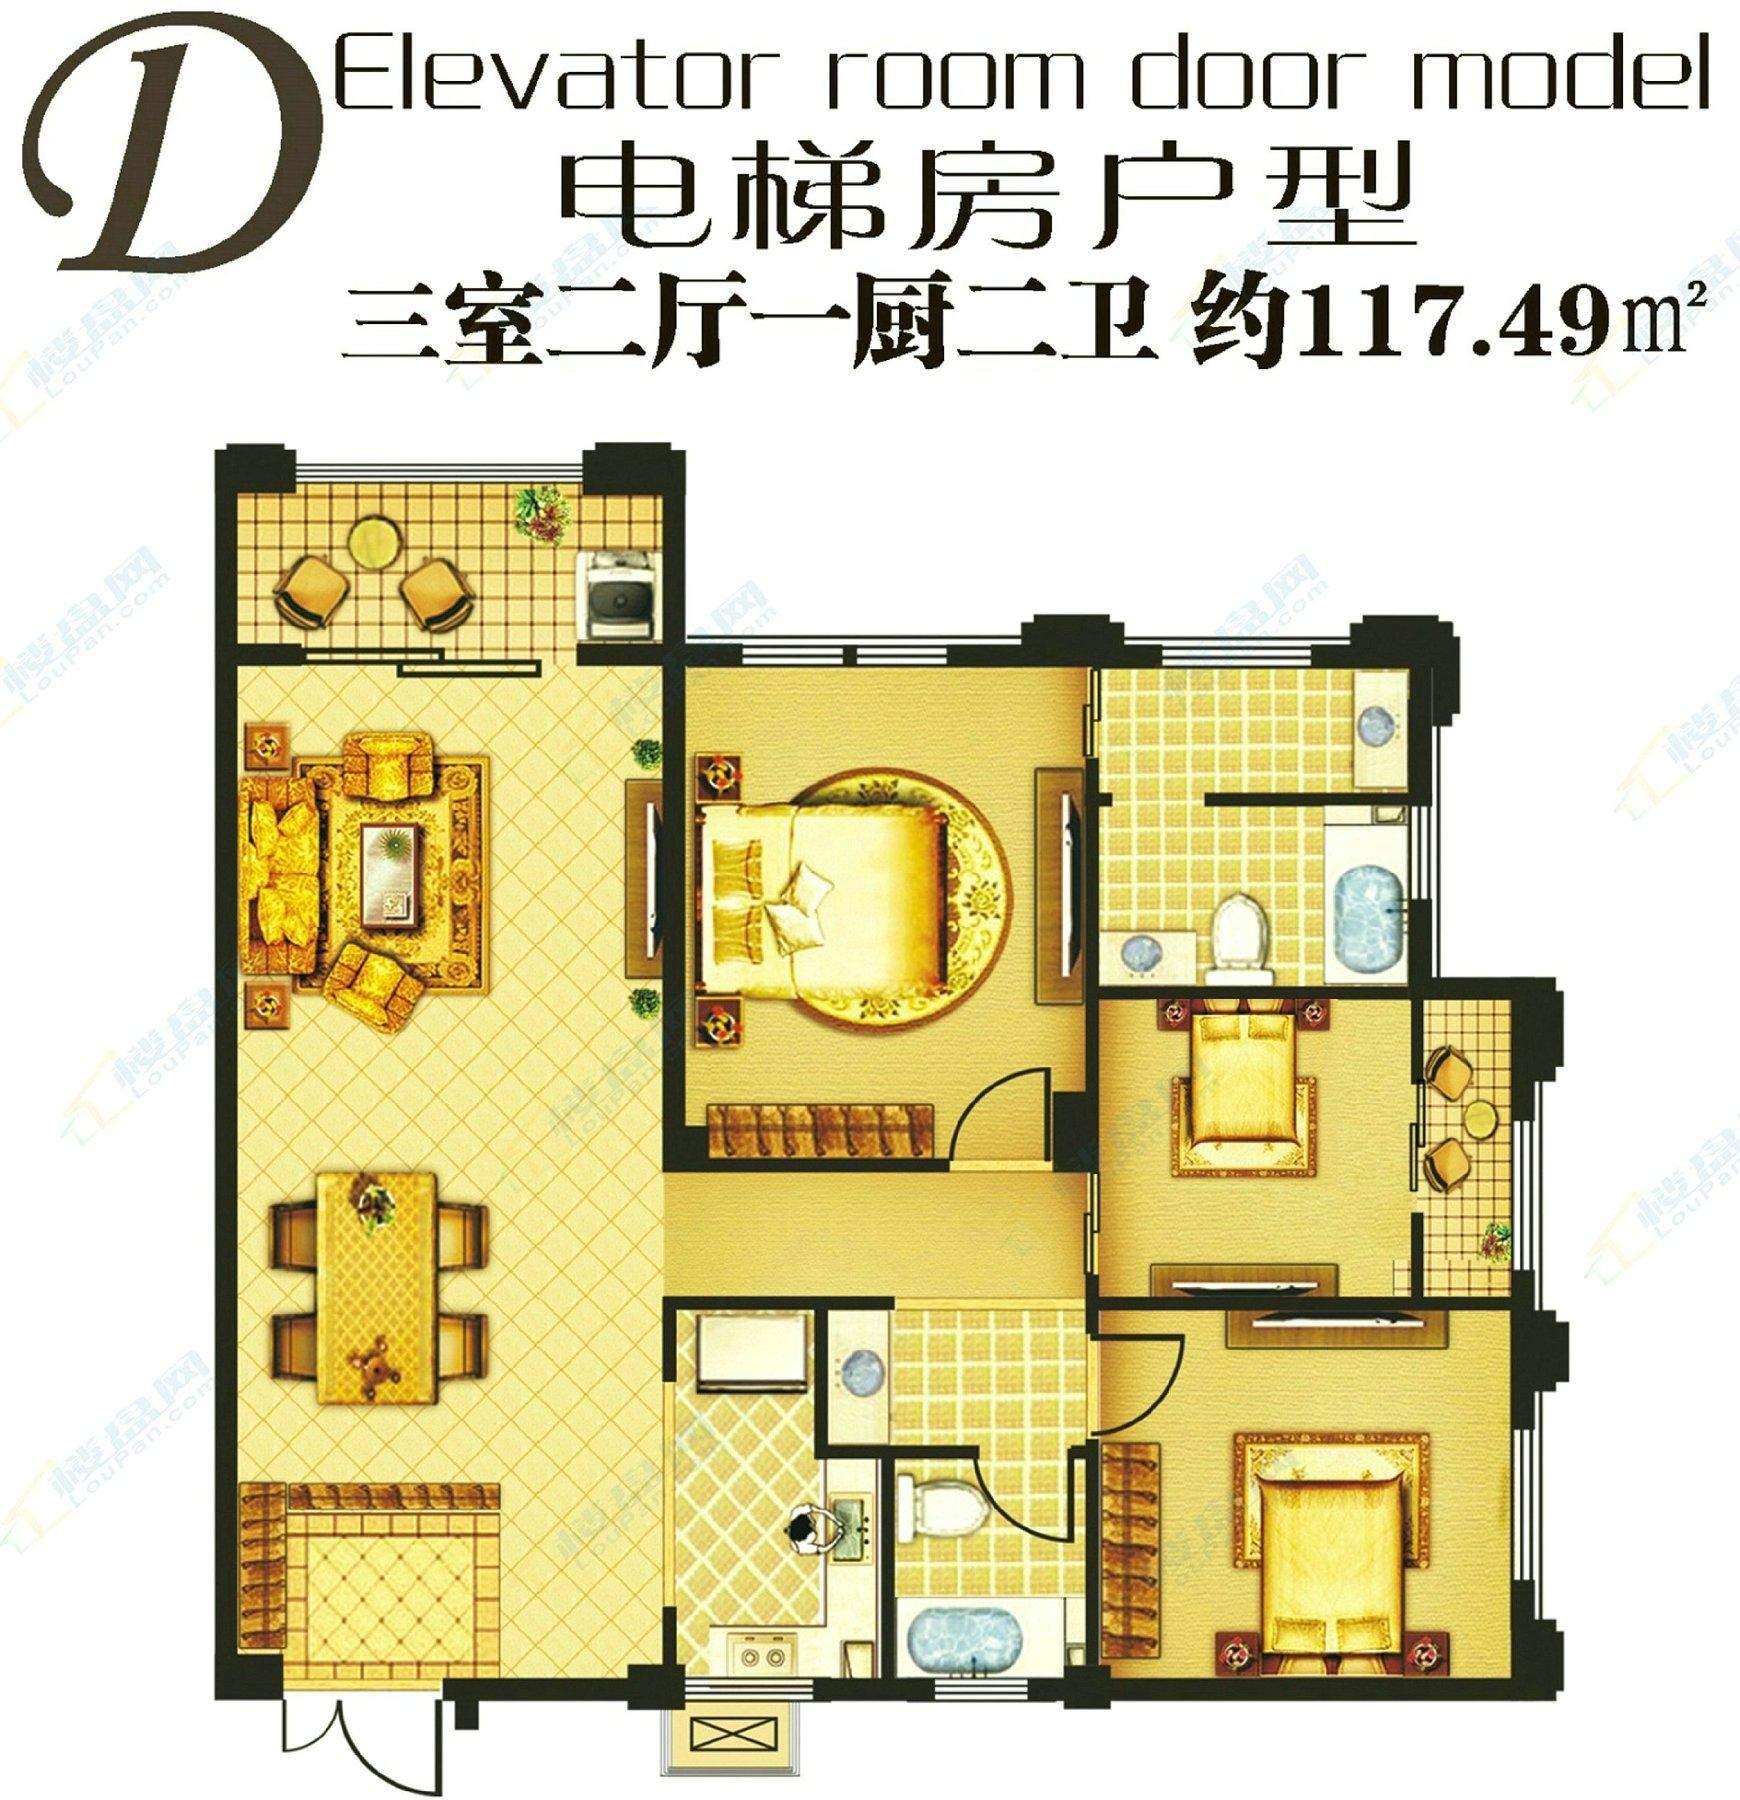 D电梯房户型